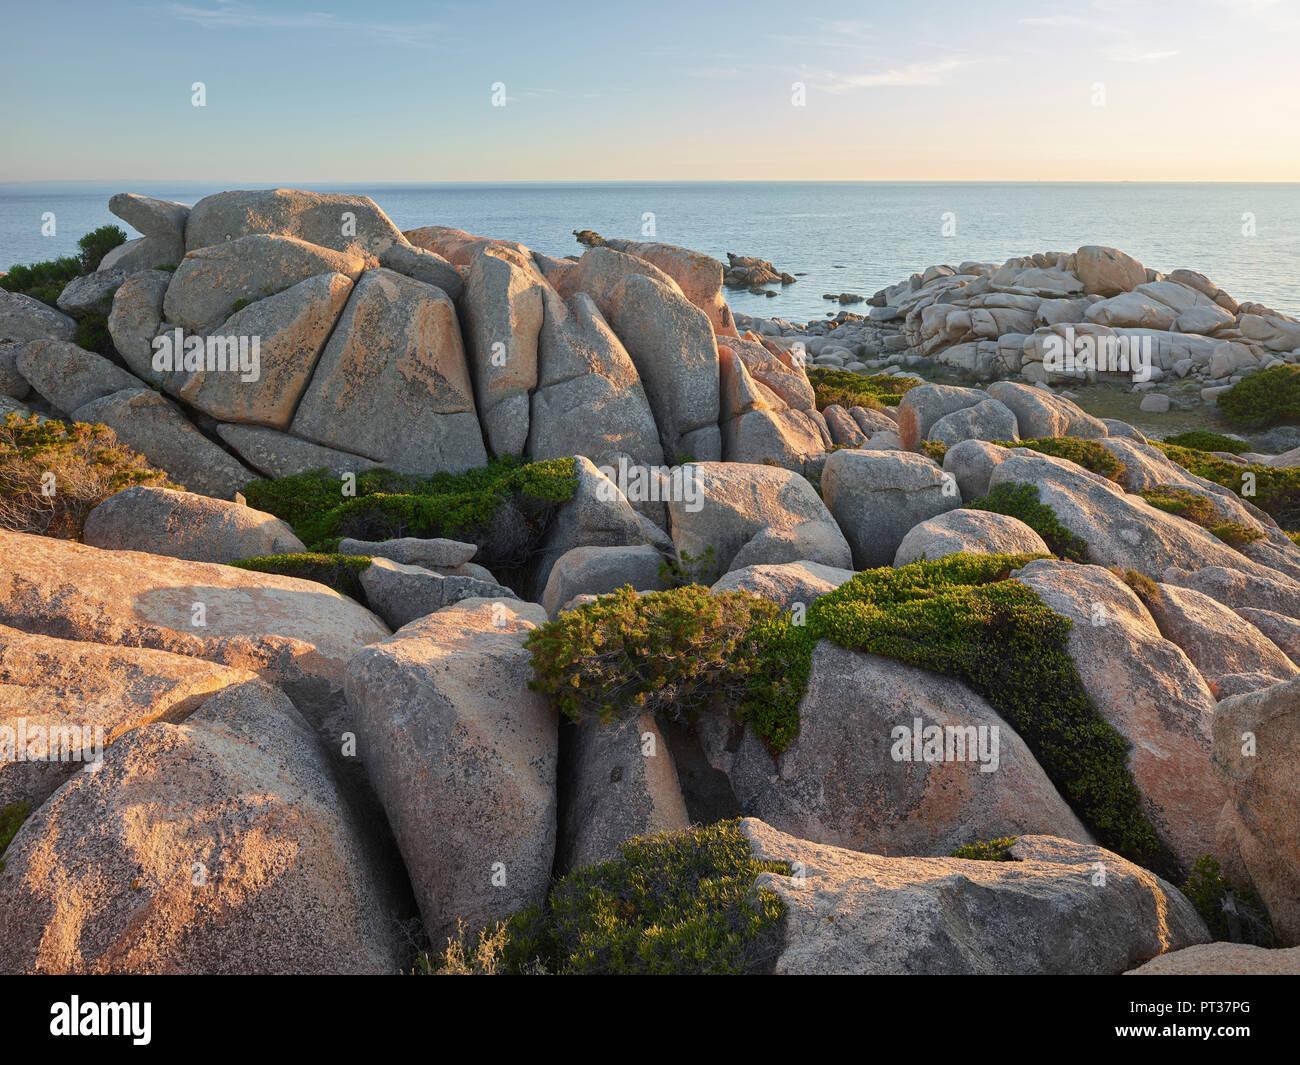 Dans les formations rocheuses de la réserve naturelle de Bruzzi, près de Pianottoli-Caldarello, Corse du Sud, Corse, France Photo Stock